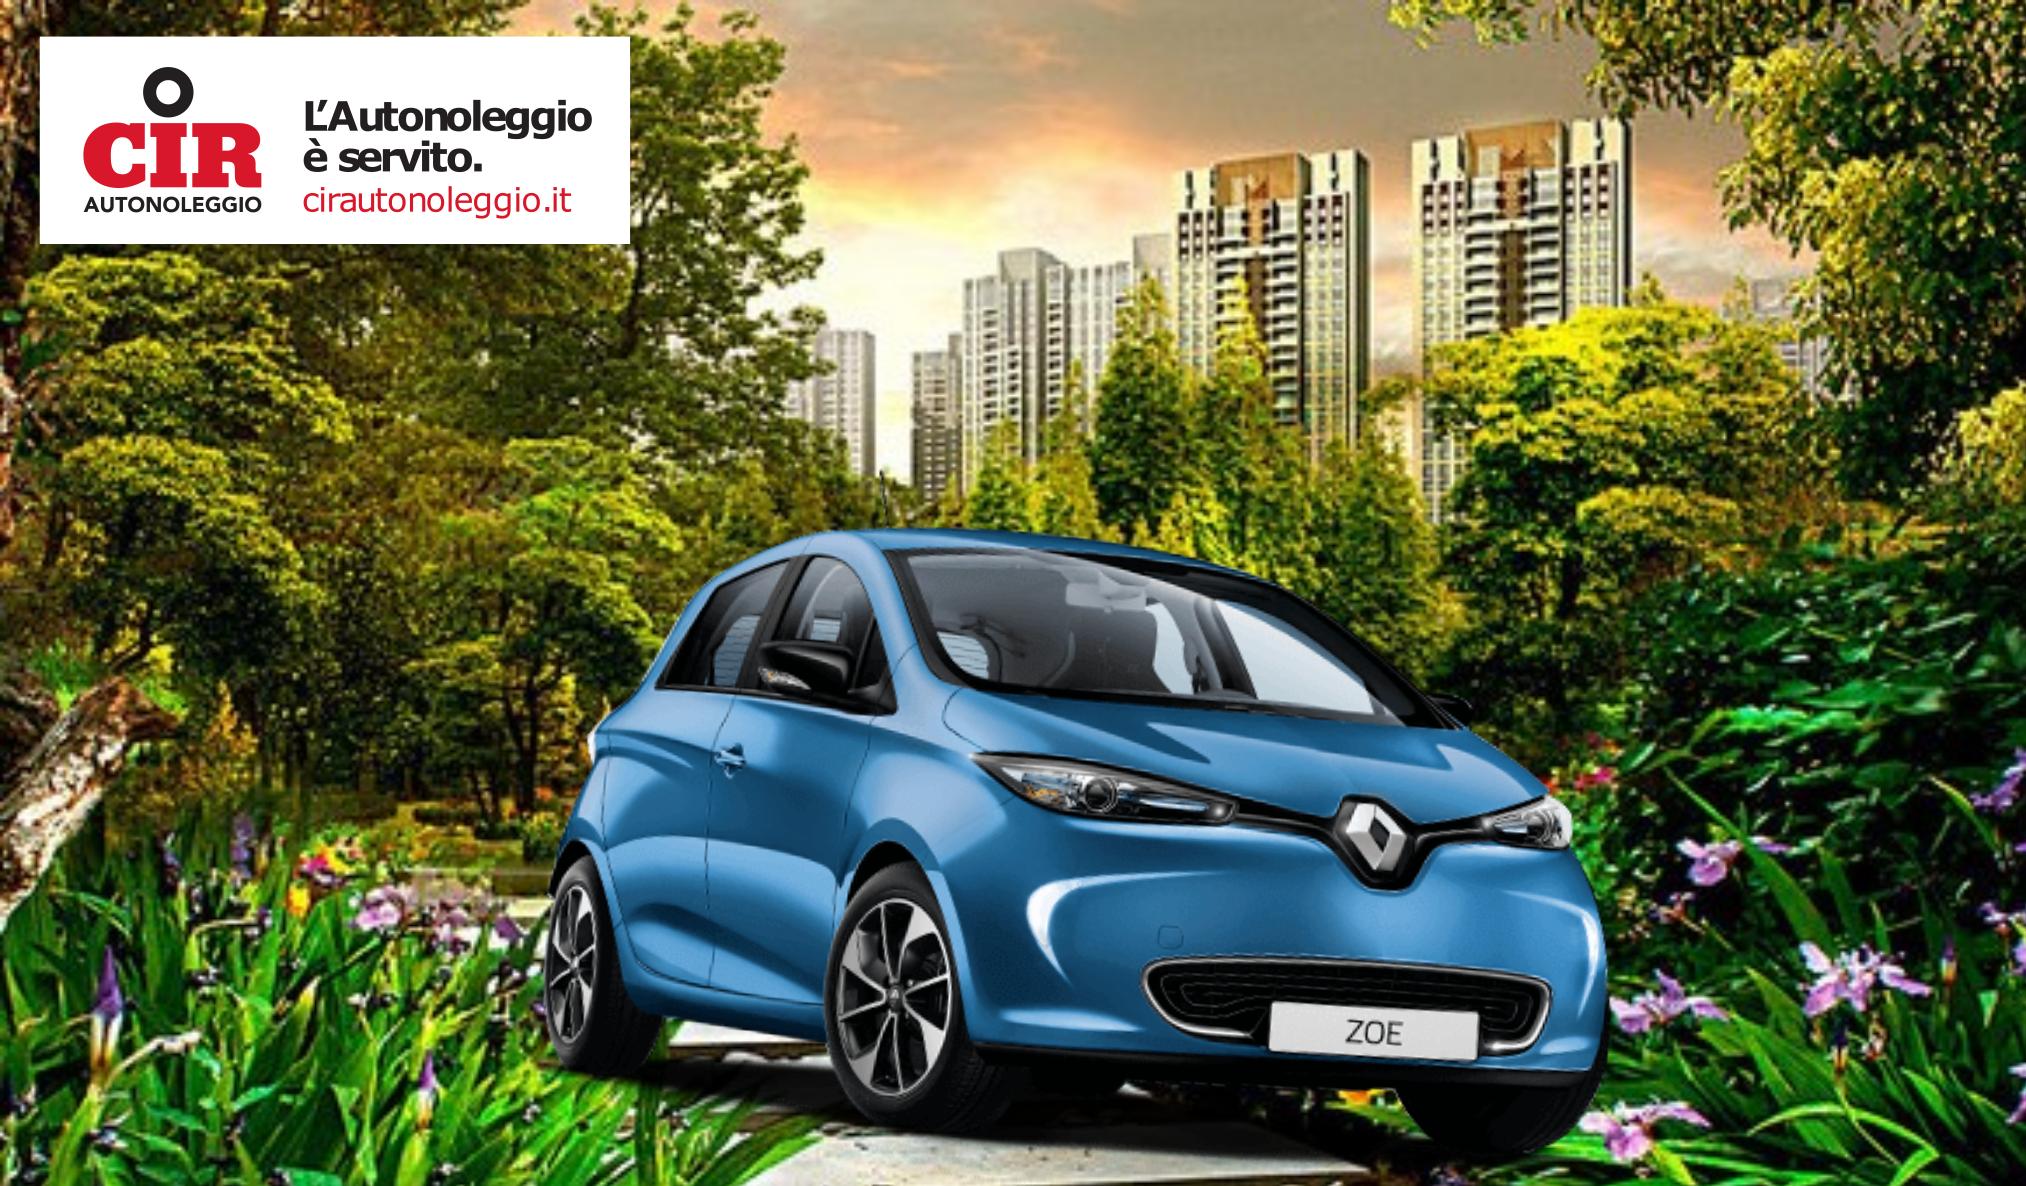 Renault Zoe, libertà di movimento